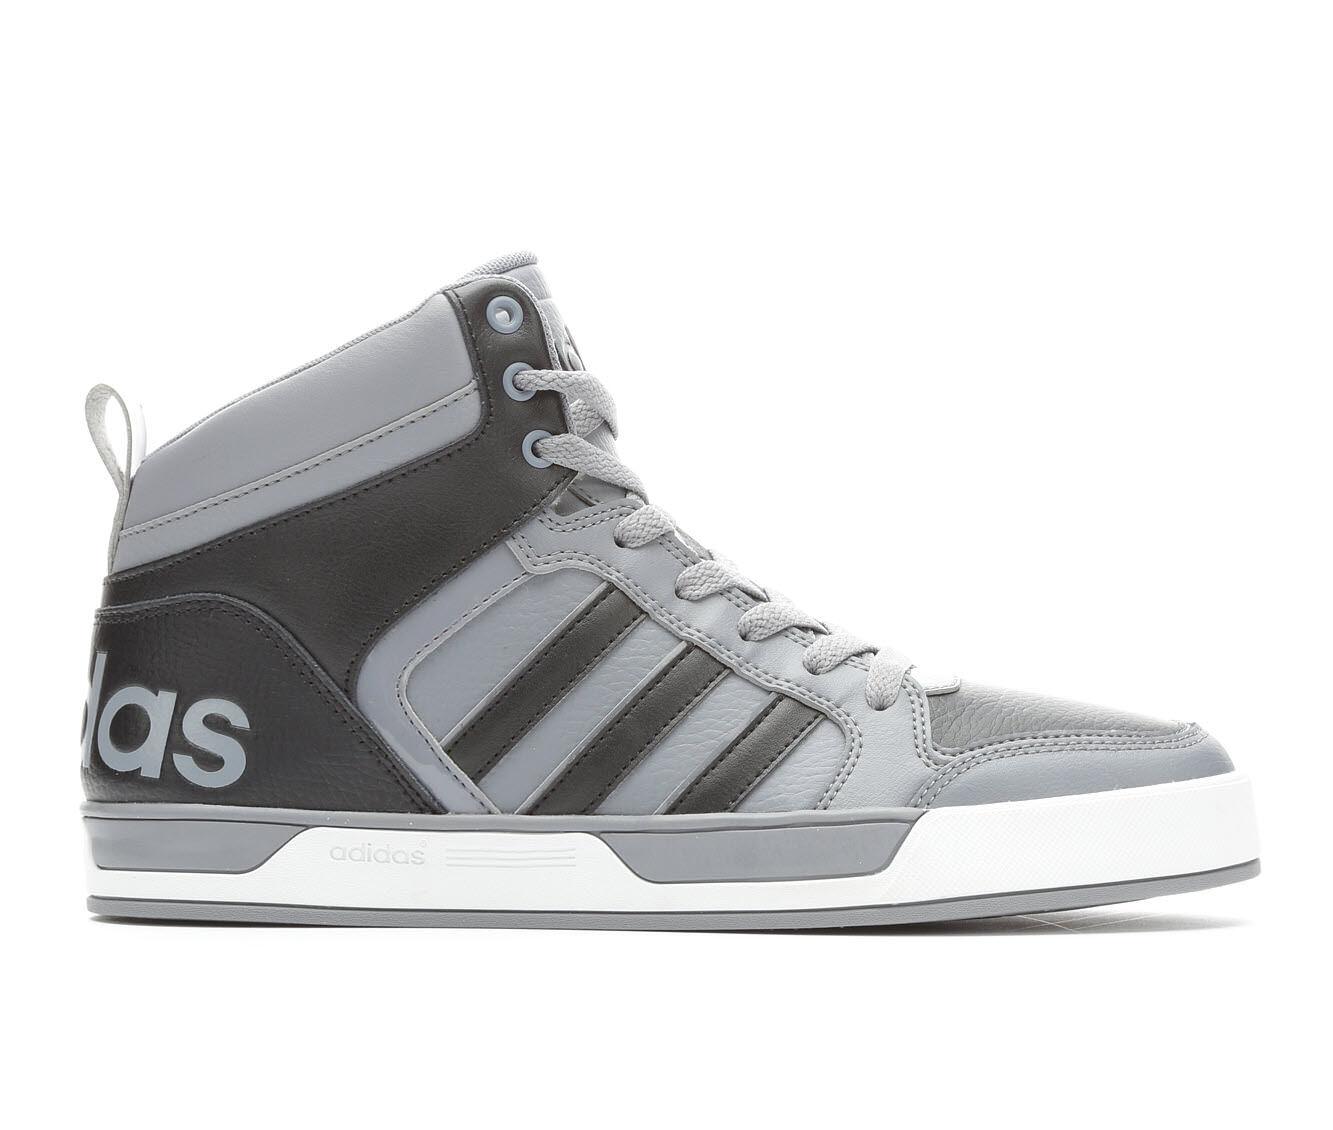 Men's Adidas Raleigh Mid 9TIS Retro Sneakers